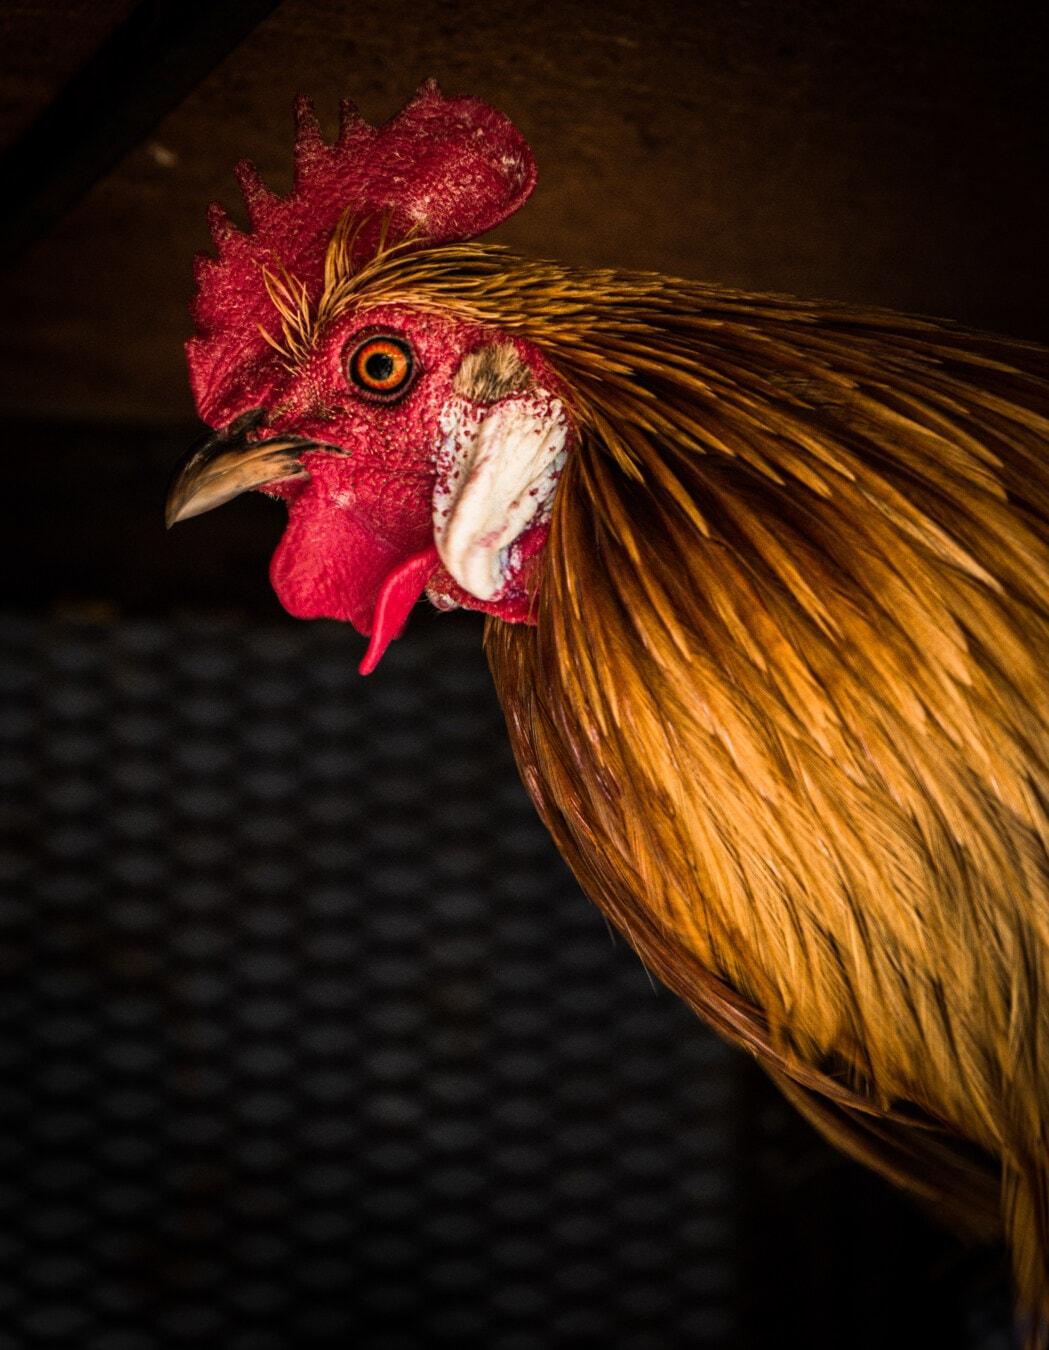 tête, vue de côté, coq, fermer, éclat doré, panache, crête, volaille, animal, poulet